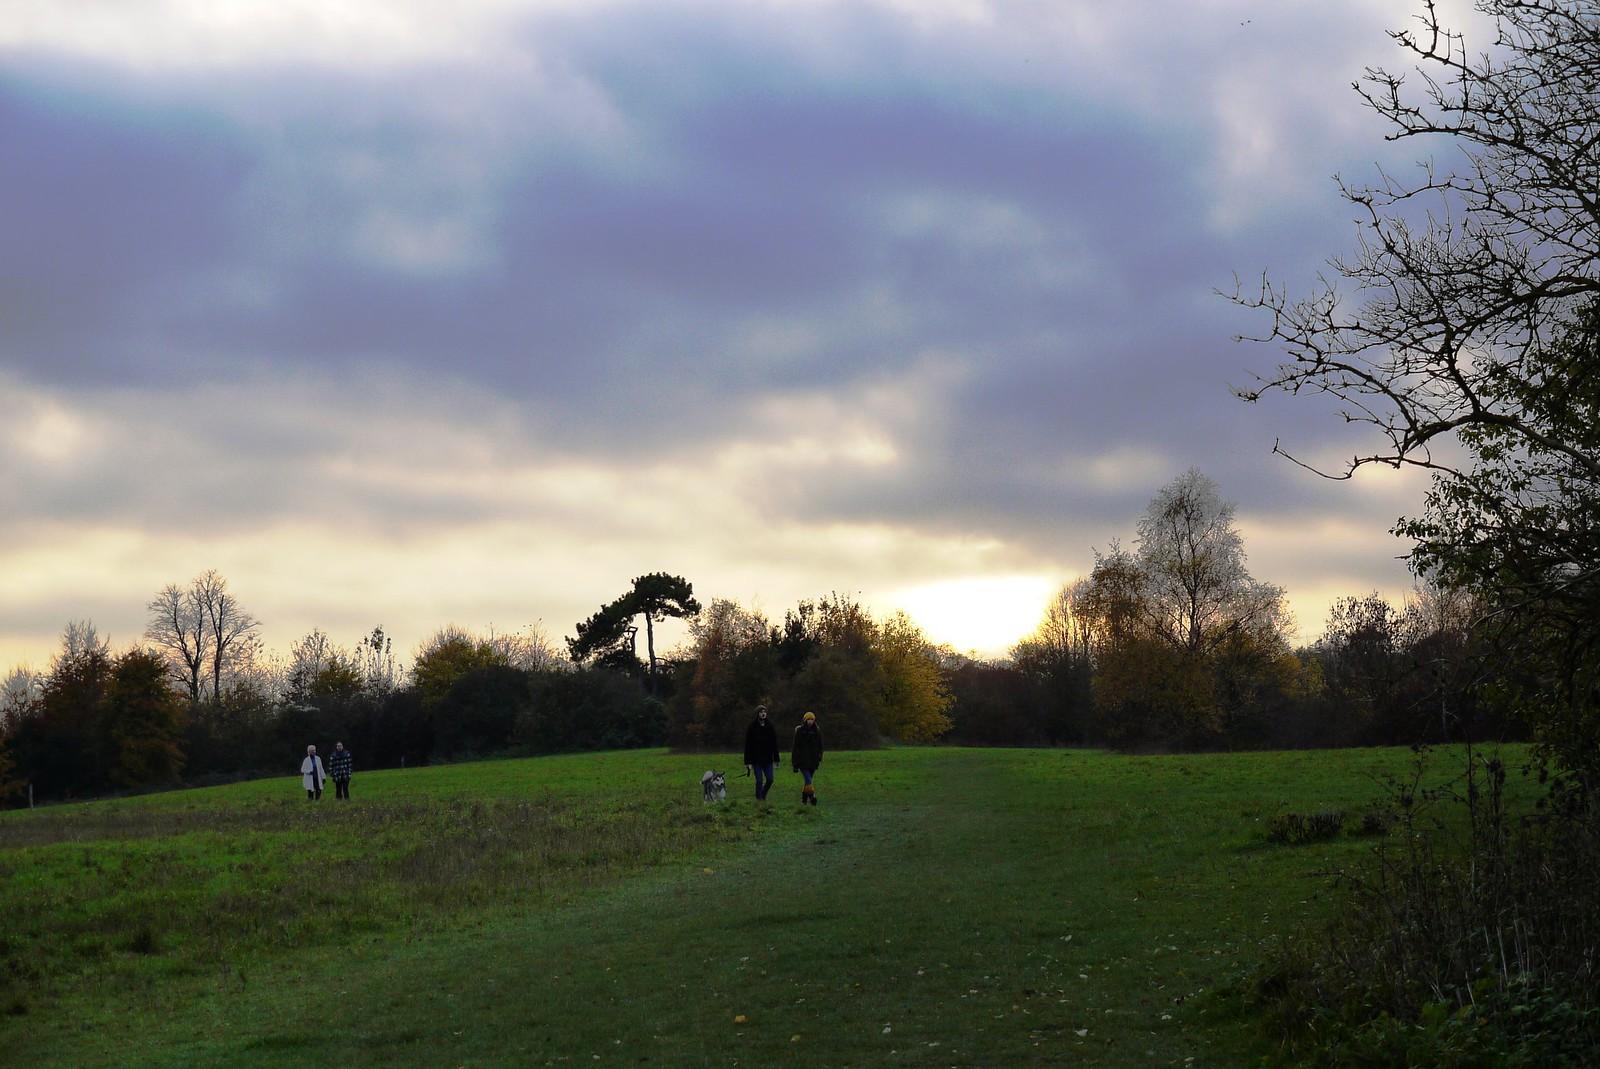 Lullingstone Park Otford to Eynsford